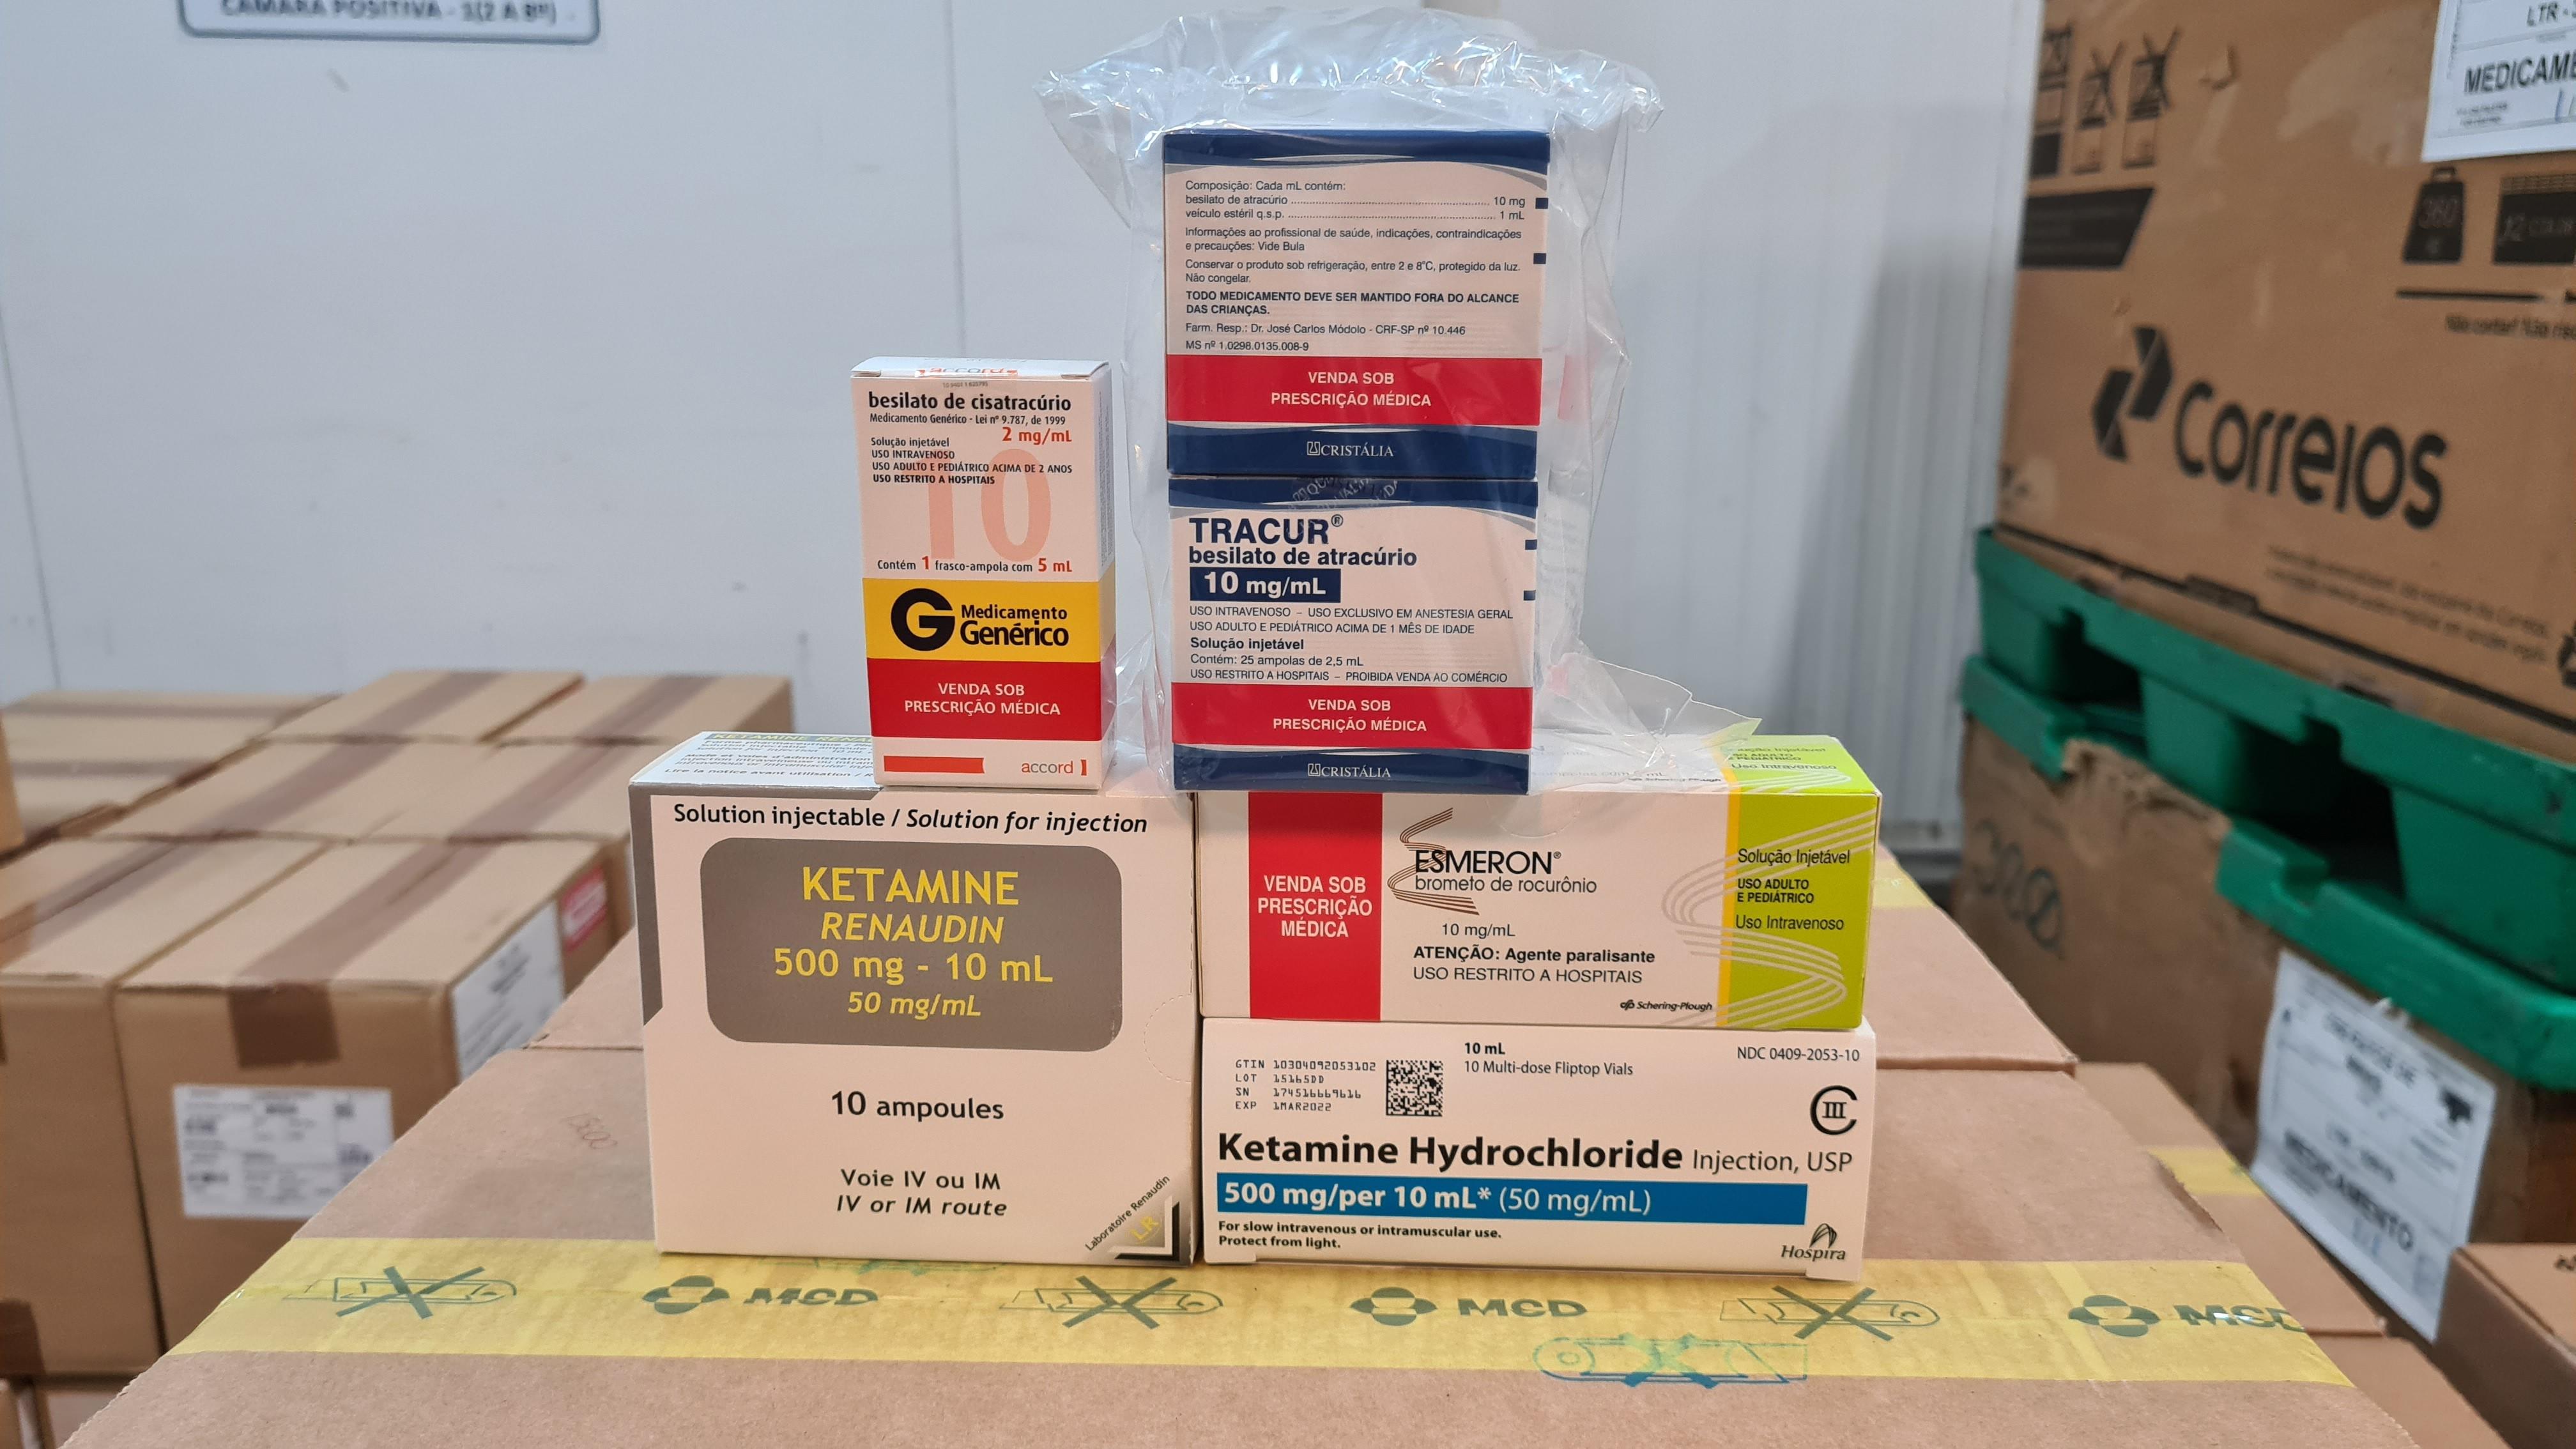 Covid-19: hospitais da Zona da Mata e Vertentes recebem nova remessa de remédios do 'kit intubação'